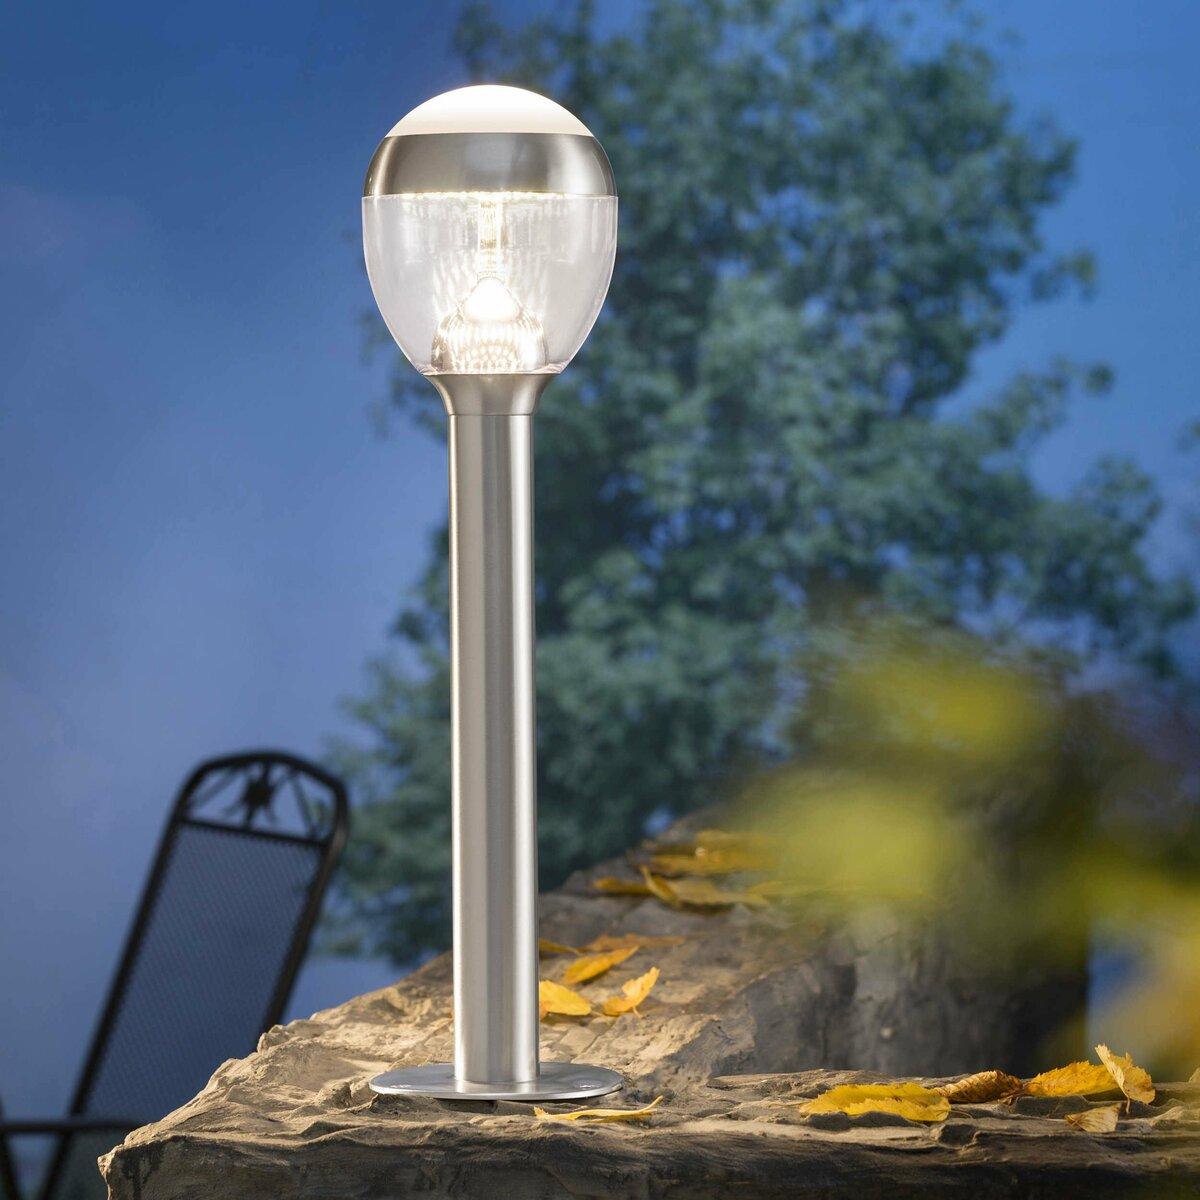 Bild 1 von Globo LED-Außensockelleuchte   Callisto